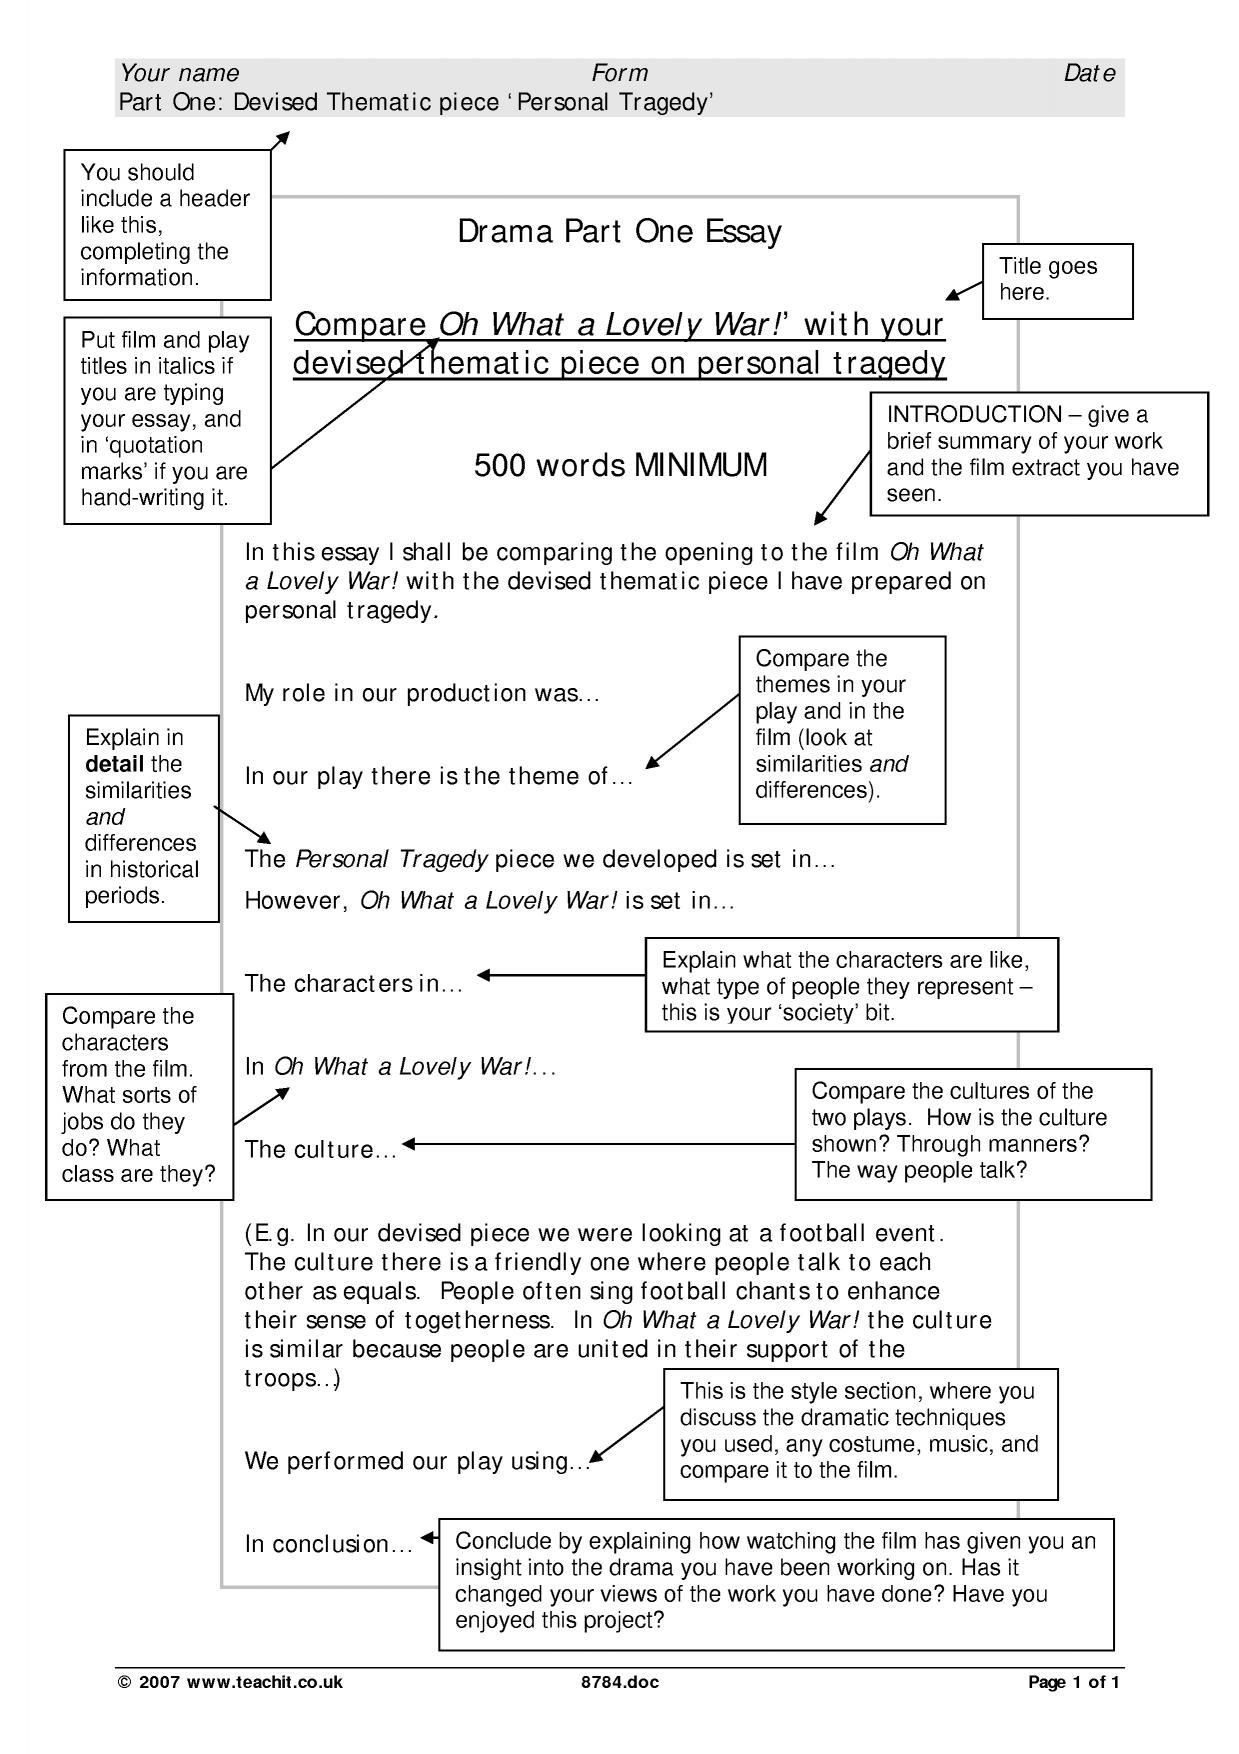 Hdl designer evaluation essay